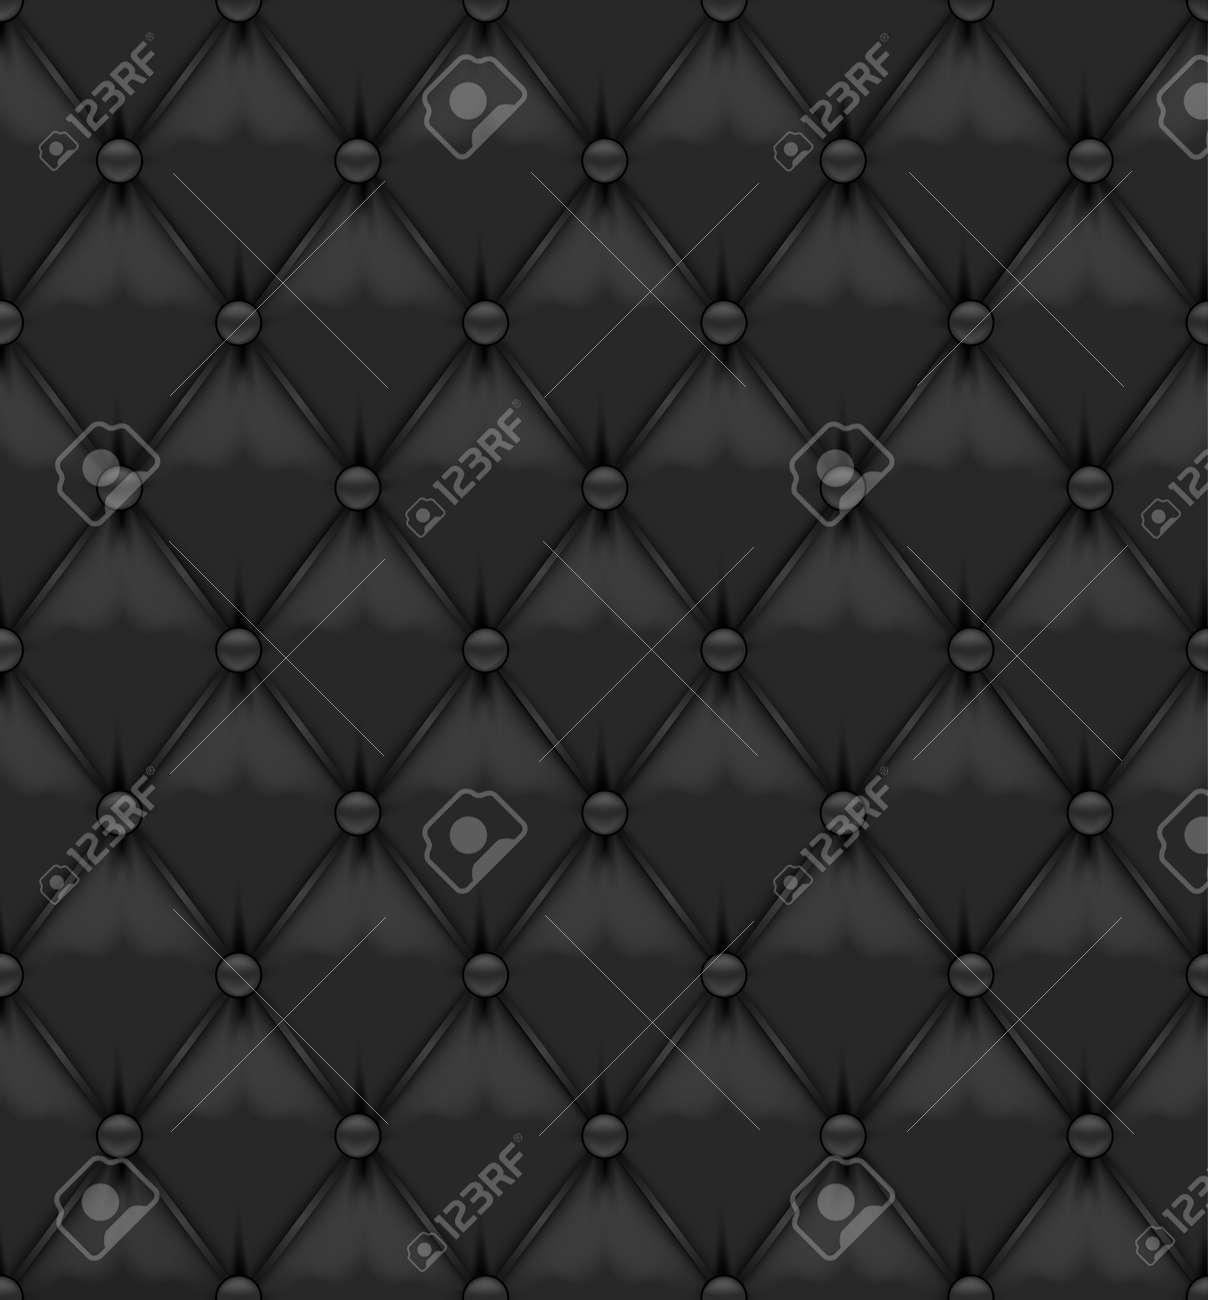 piele nera  Pelle Nera Sfondo Senza Soluzione Di Continuità Clipart Royalty-free ...